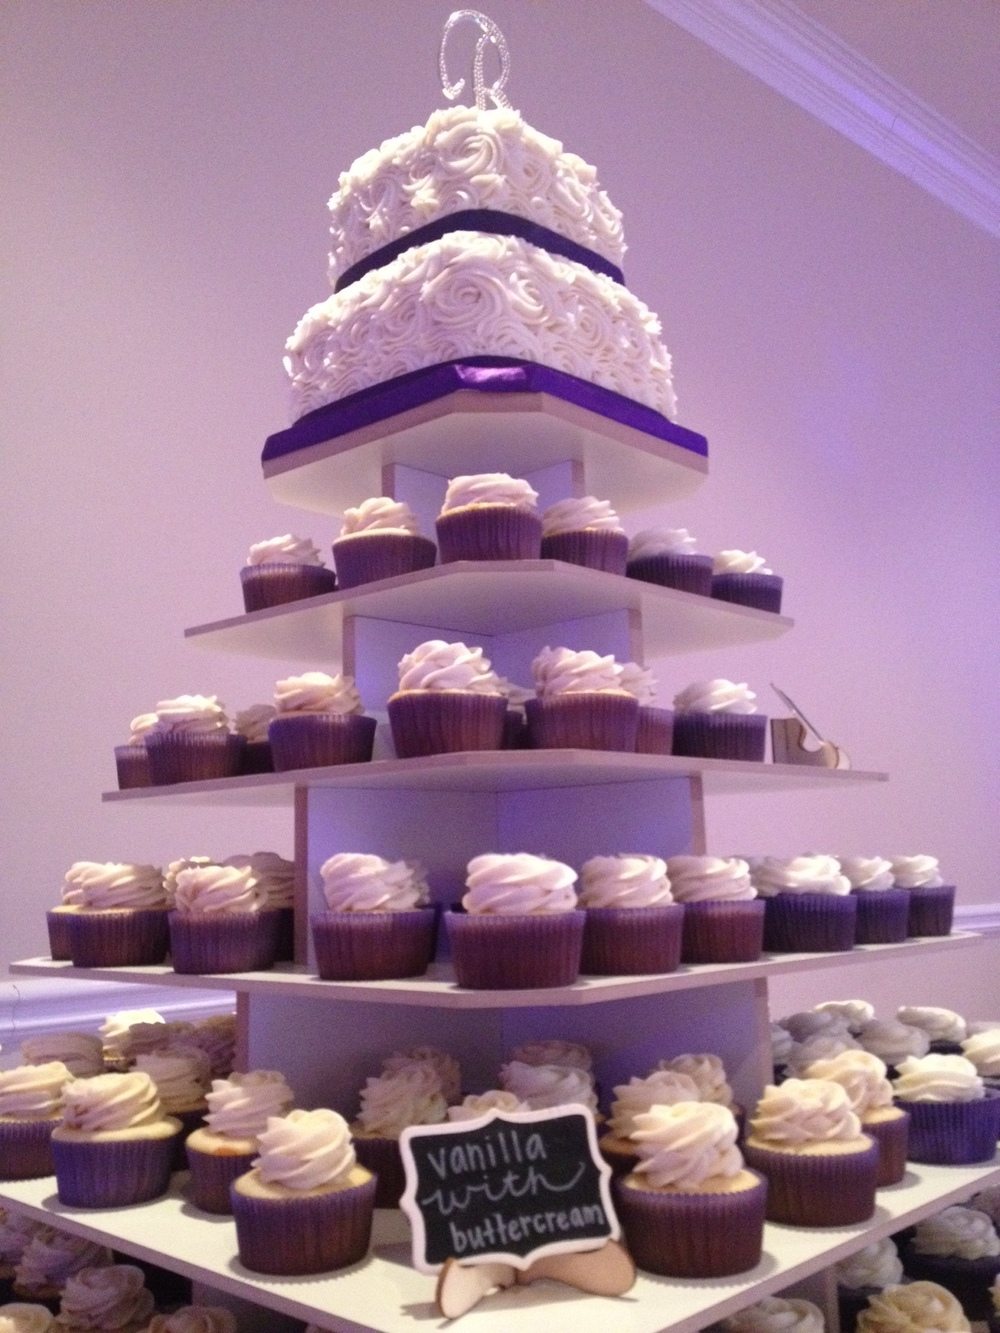 Cupcake Wedding Cake 7.jpeg